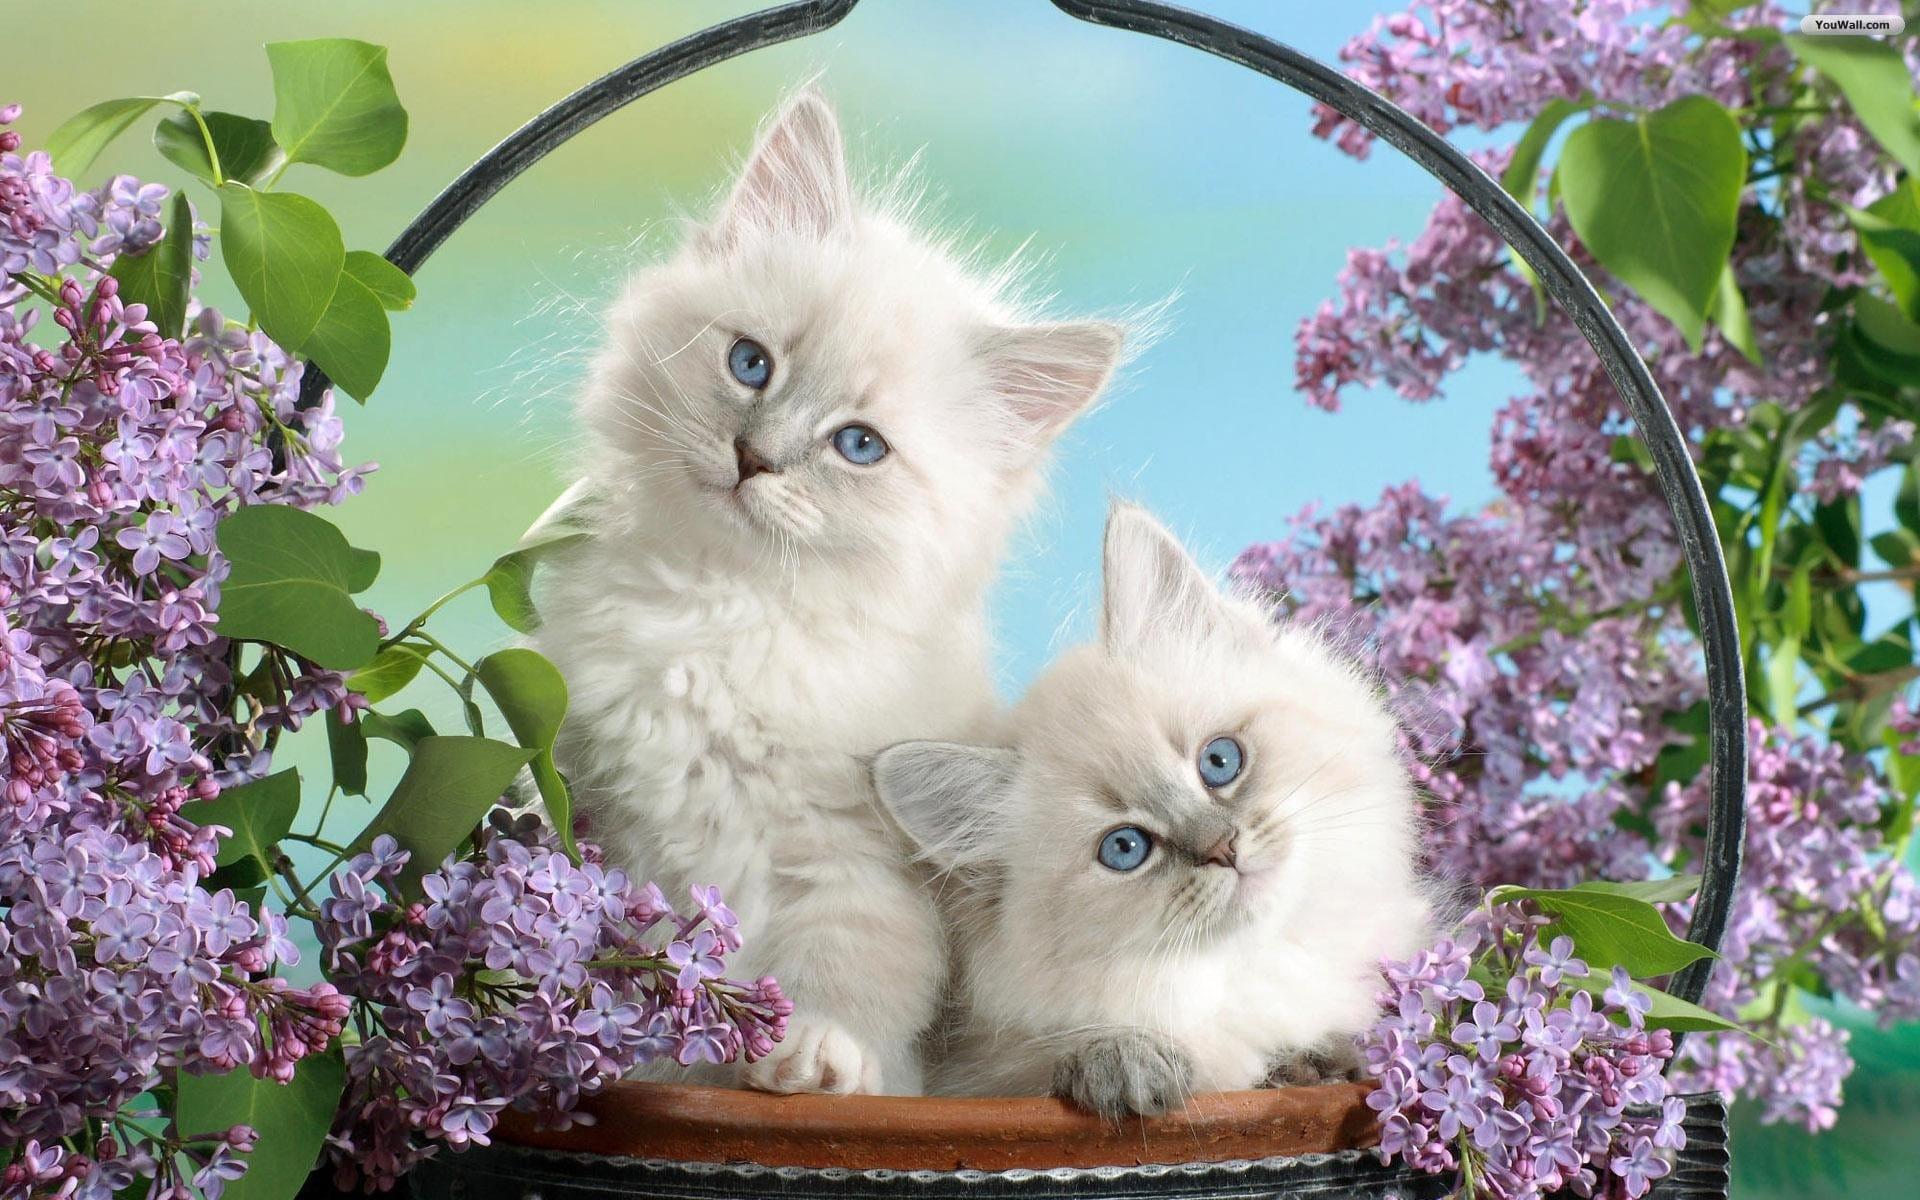 Hình nền hai chú mèo con dễ thương nhất